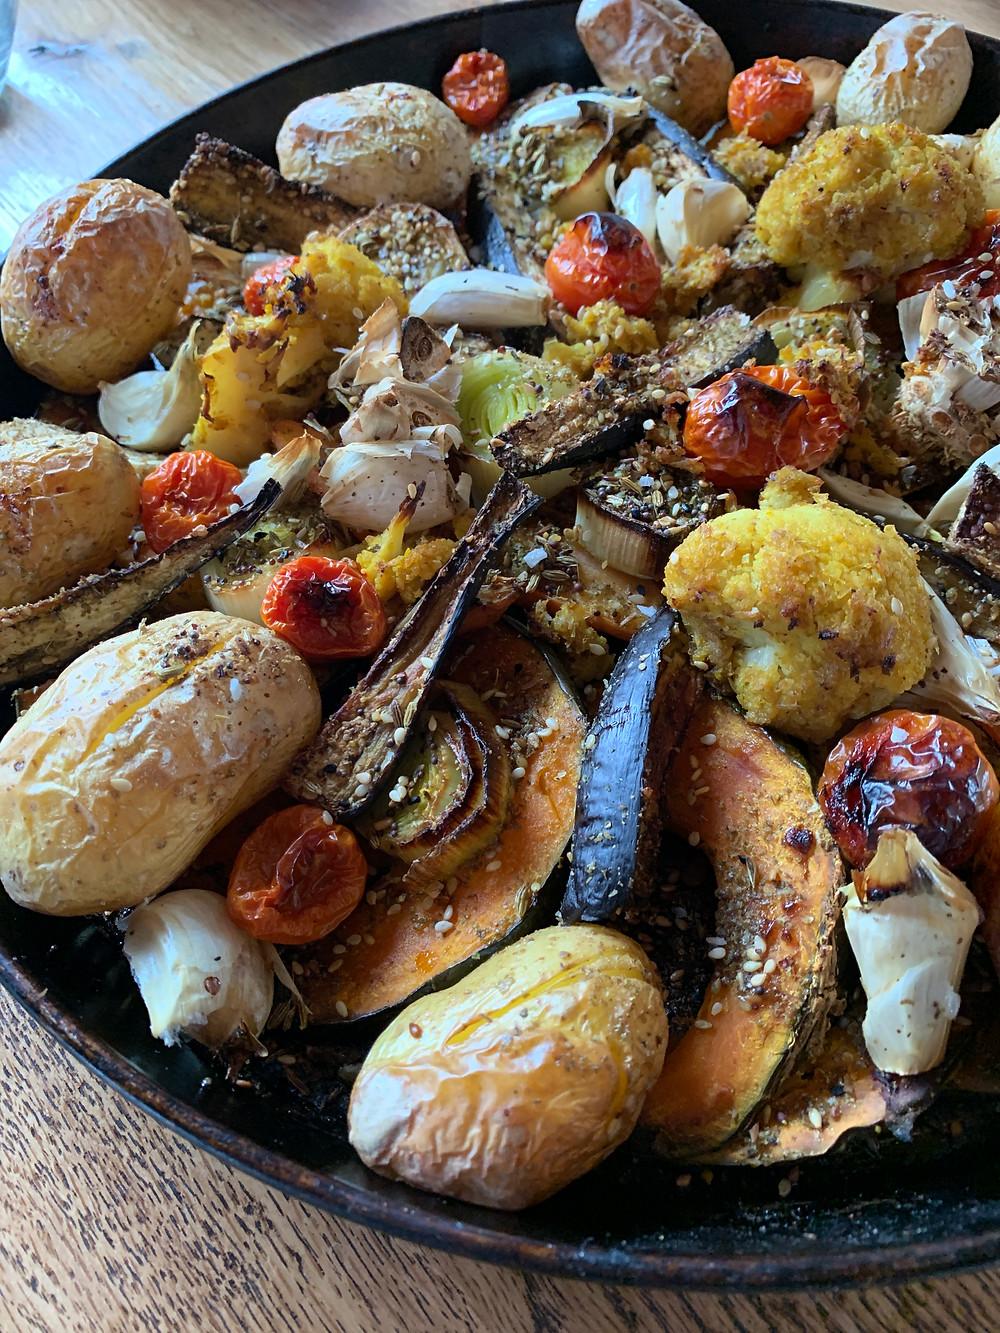 gebackenes Gemüse, verschiedene Gemüse, Kartoffeln, Kürbis, Hokkaido, Zwiebeln, Knoblauch, Blumenkohl